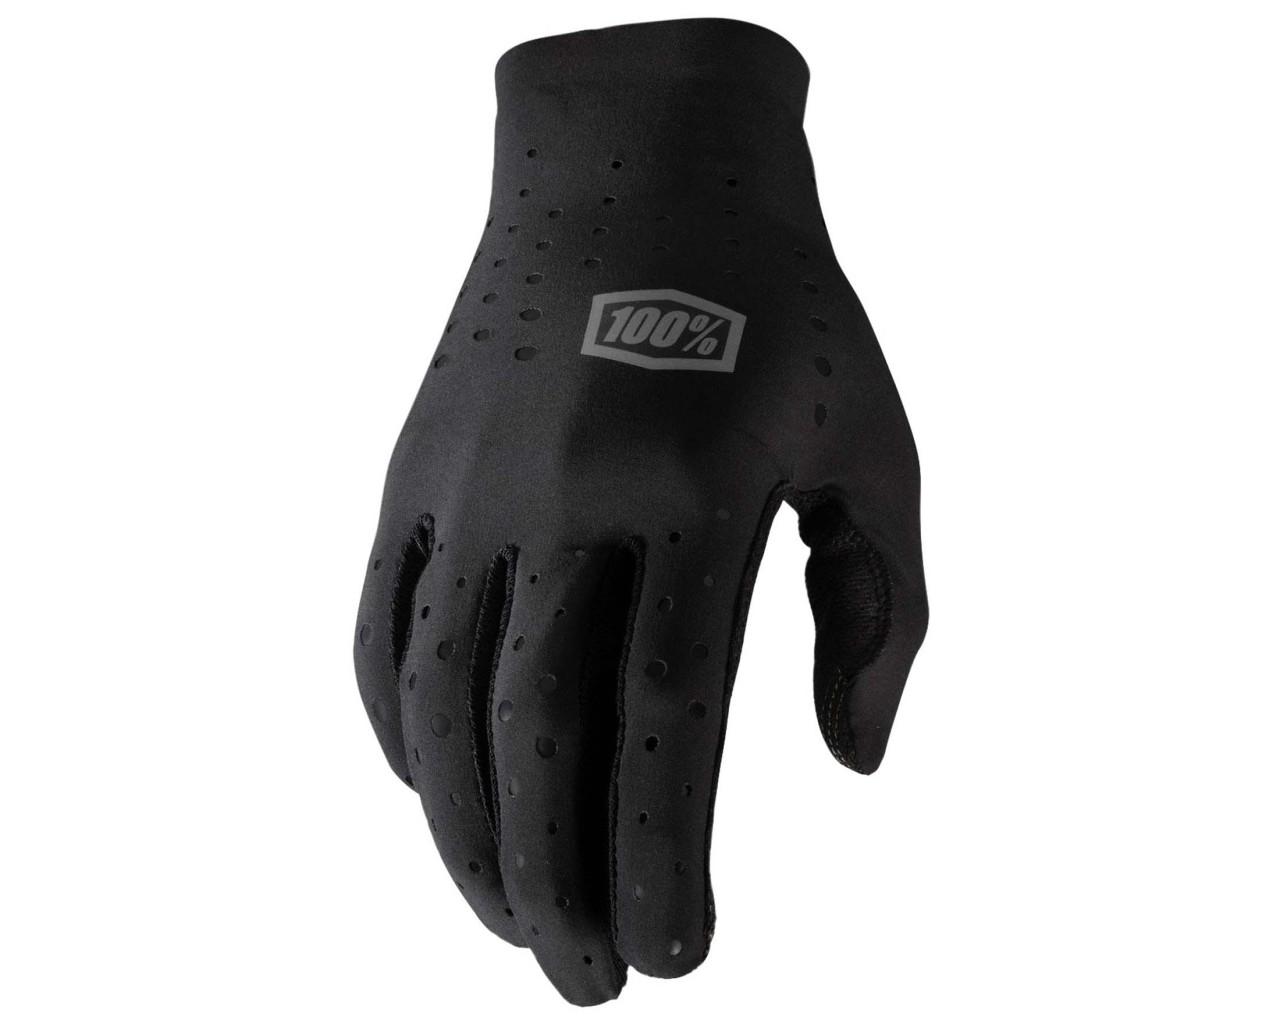 100% Sling Glove longfinger | black